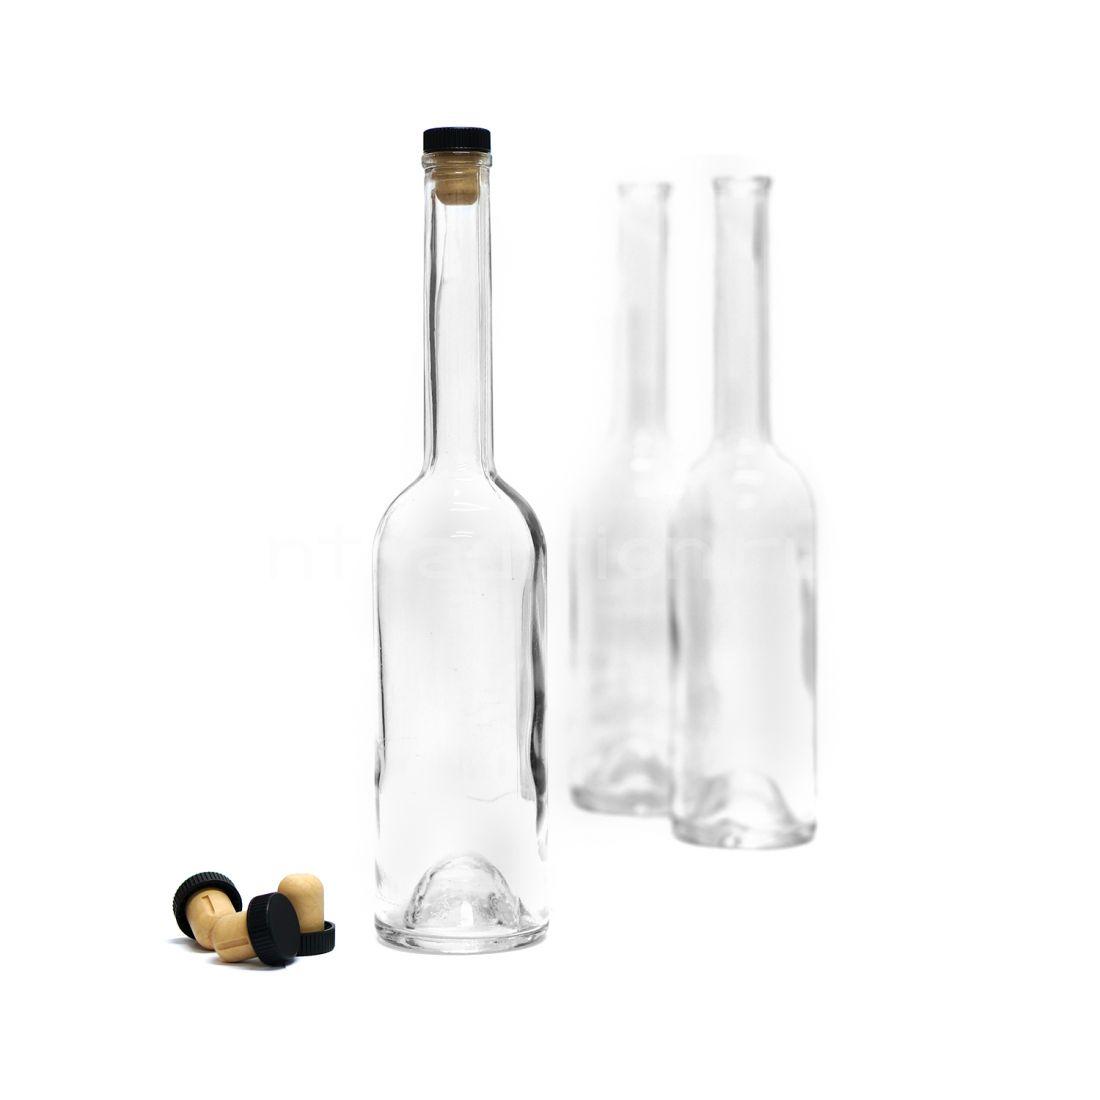 Бутылка Винный шпиль, с пробкой КАМЮ, 0,5 л /12 штук